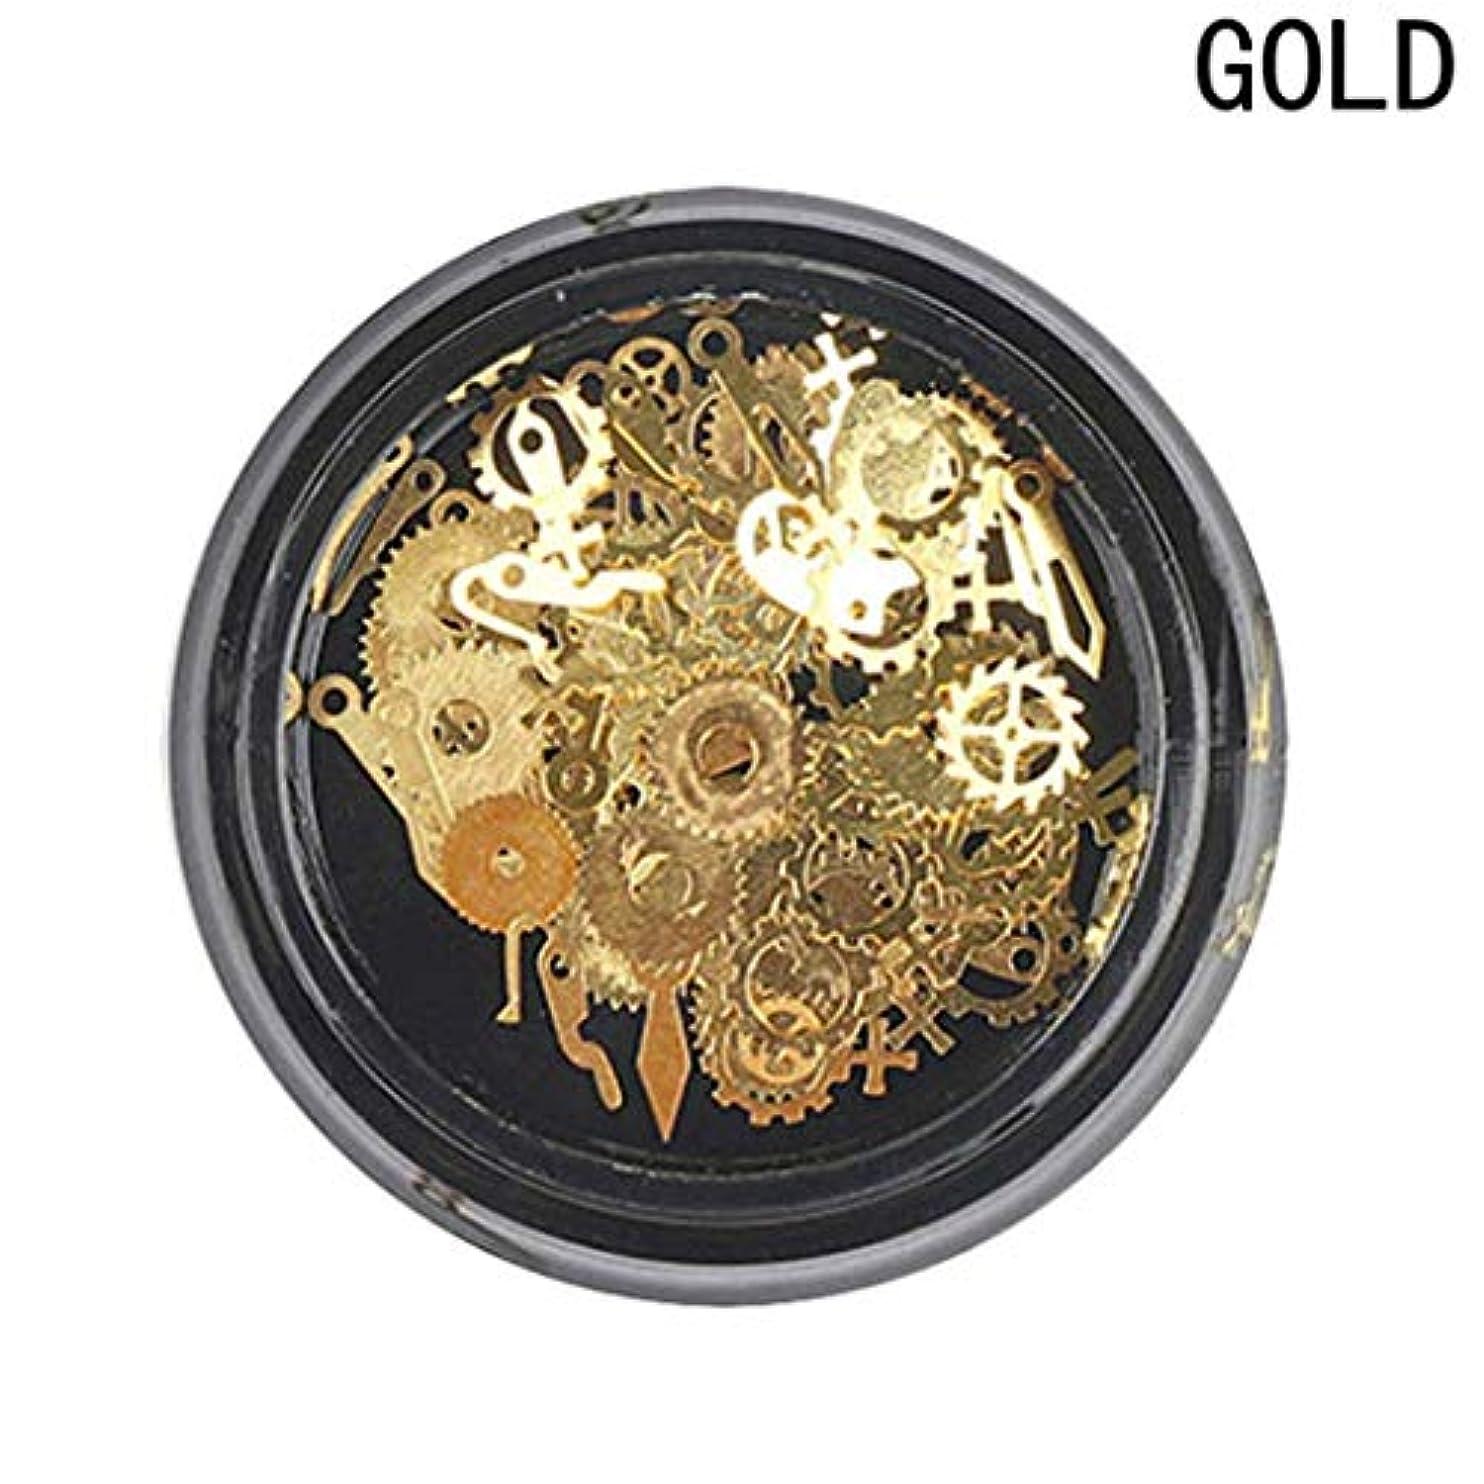 ウィンクの慈悲で不満Wadachikis ベストセラーファッションユニークな合金蒸気パンクギアネイルアート装飾金属スタイルの創造的な女性の爪DIYアクセサリー1ボックス(None golden)